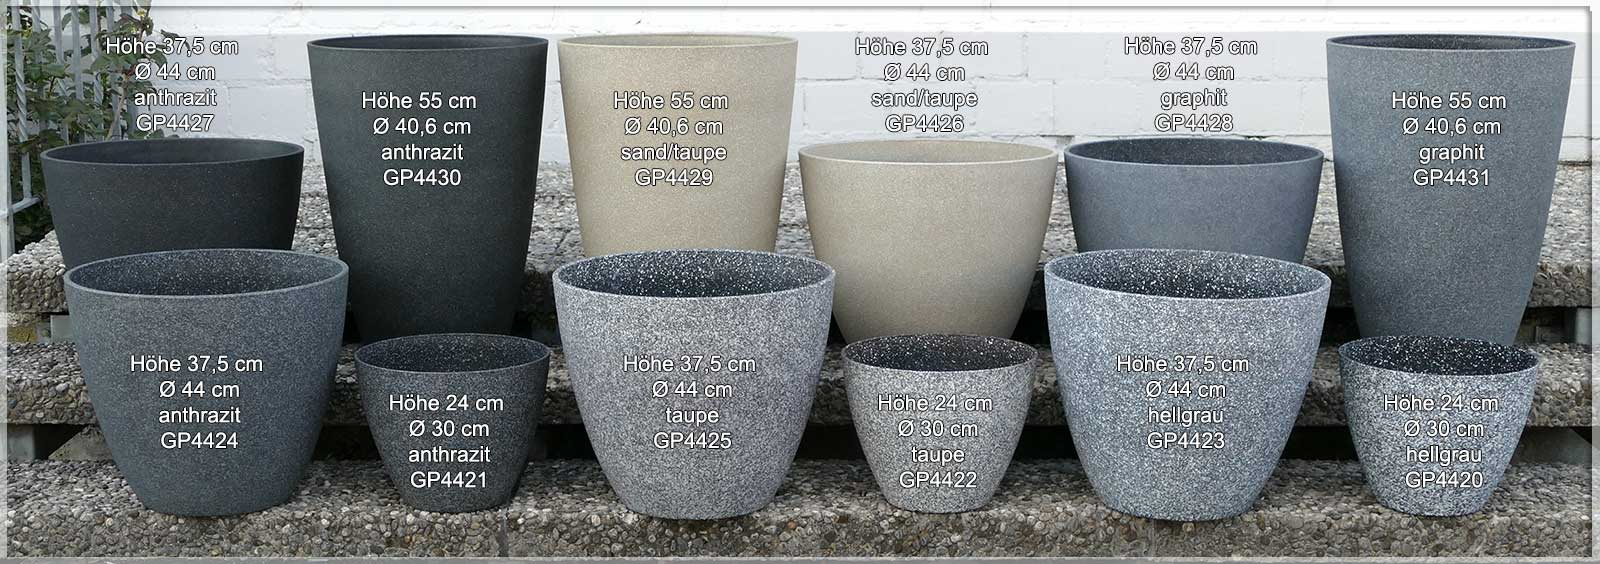 Fabulous Pflanzkübel aus Kunststoff, frostsicher für draußen HV44